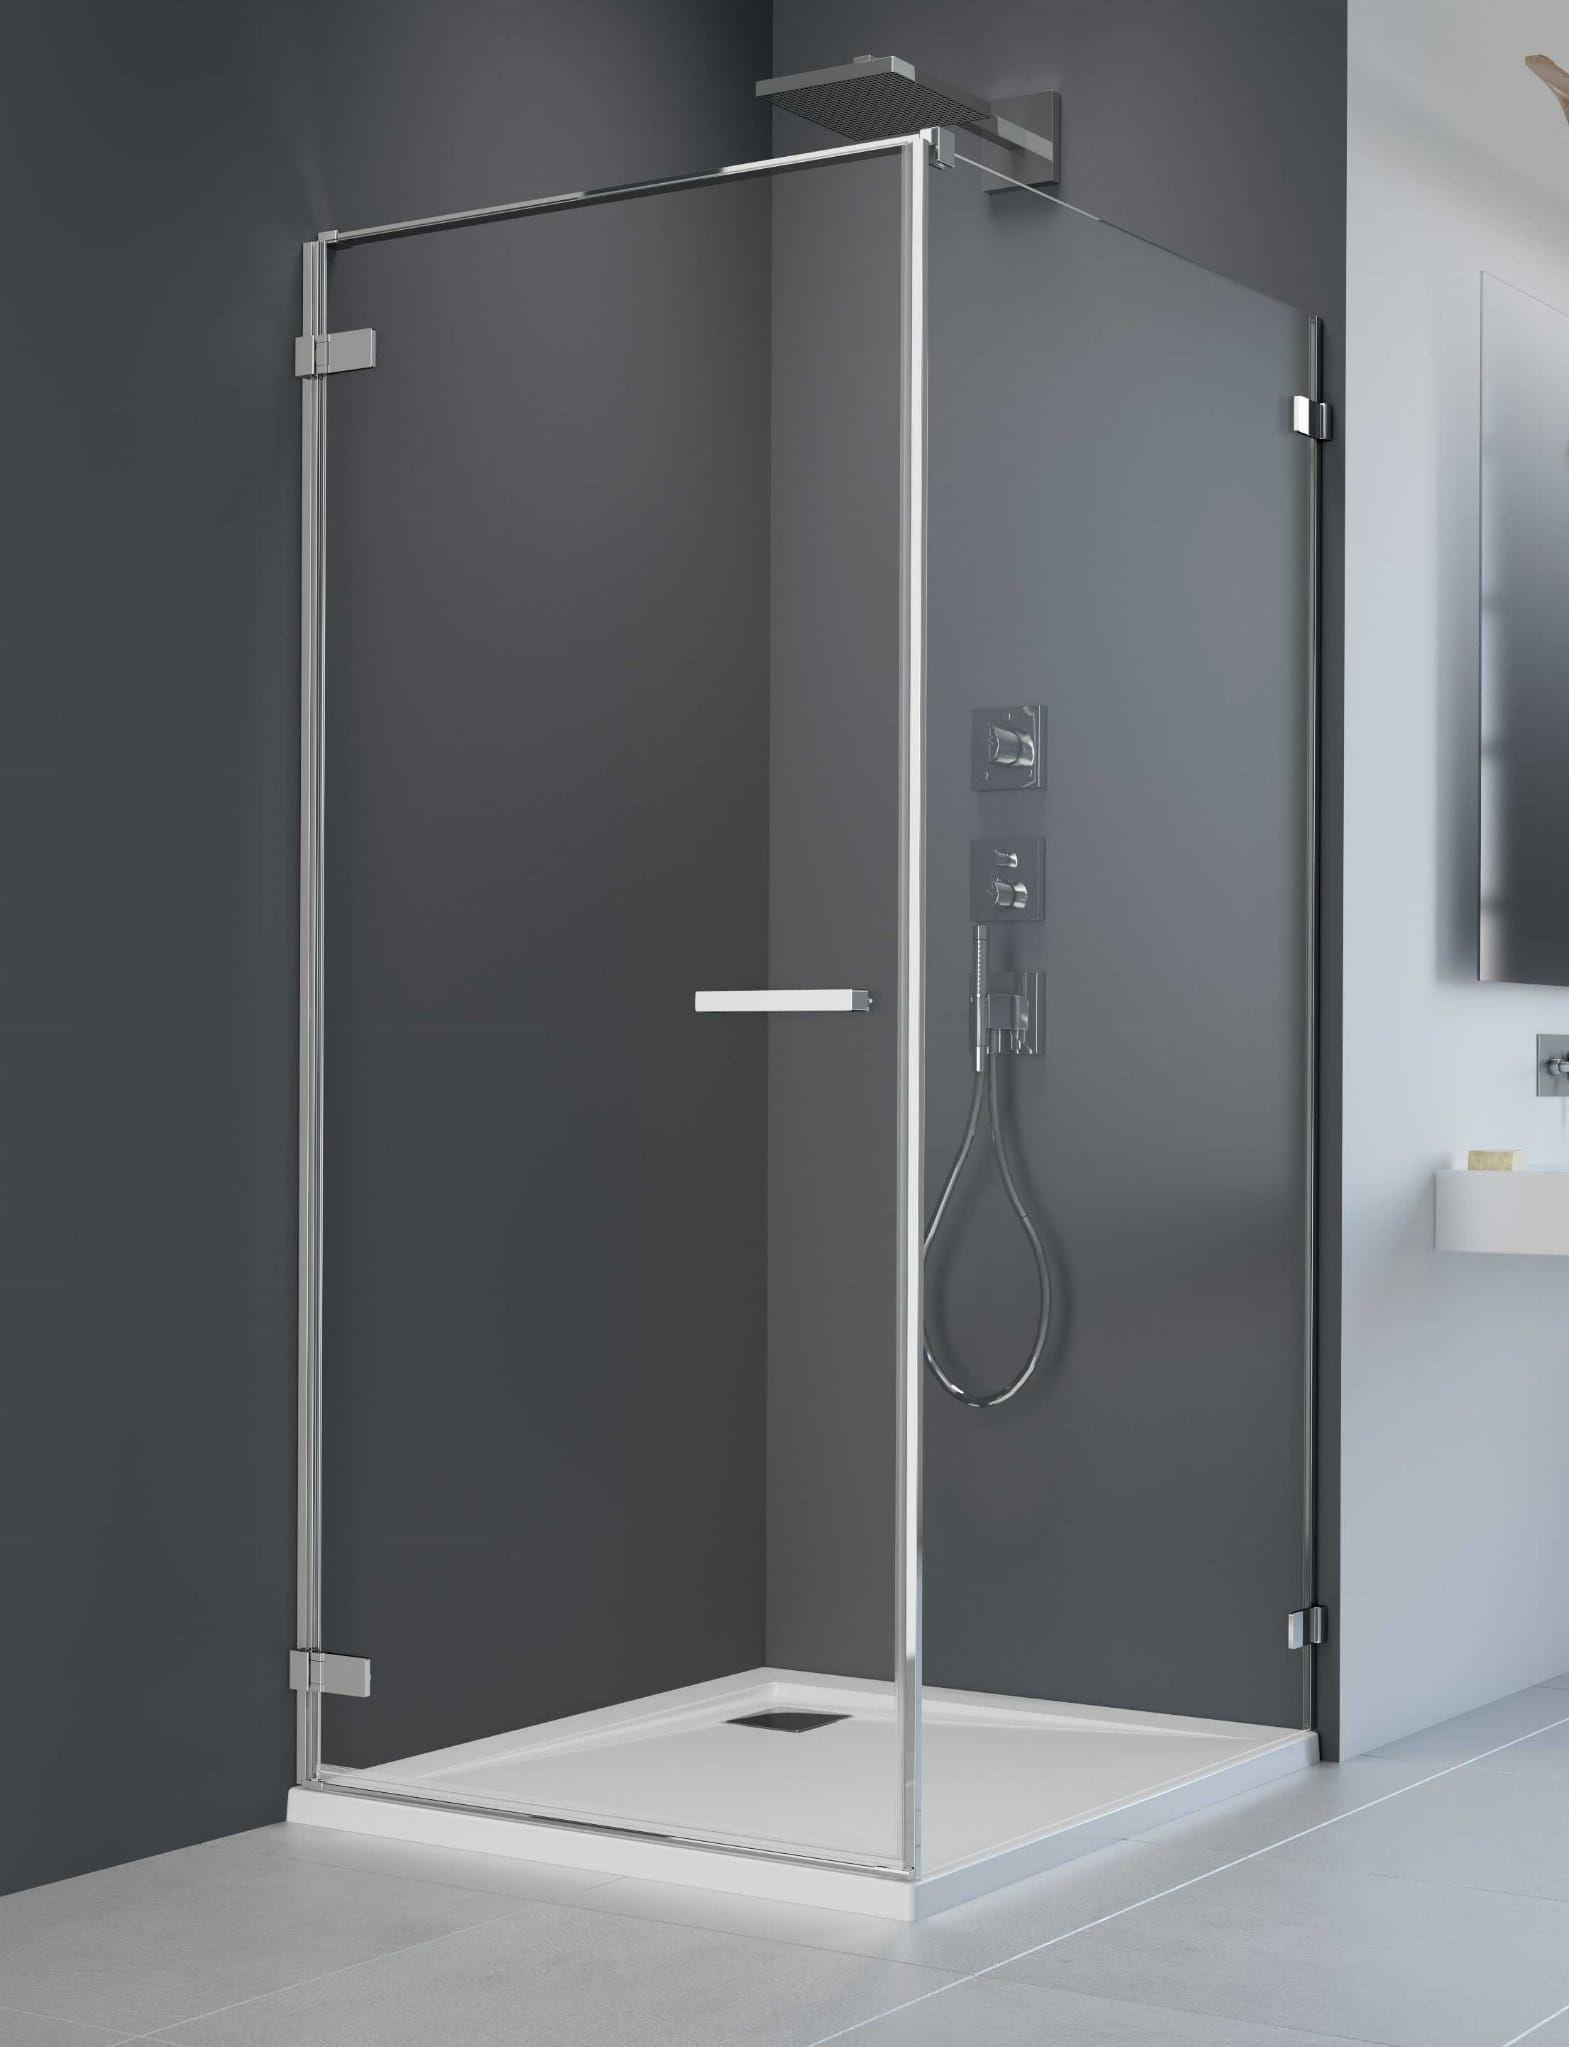 Kabina Radaway Arta KDJ I drzwi lewe 90 cm x ścianka 70, szkło przejrzyste wys. 200 cm, 386082-03-01L/386019-03-01